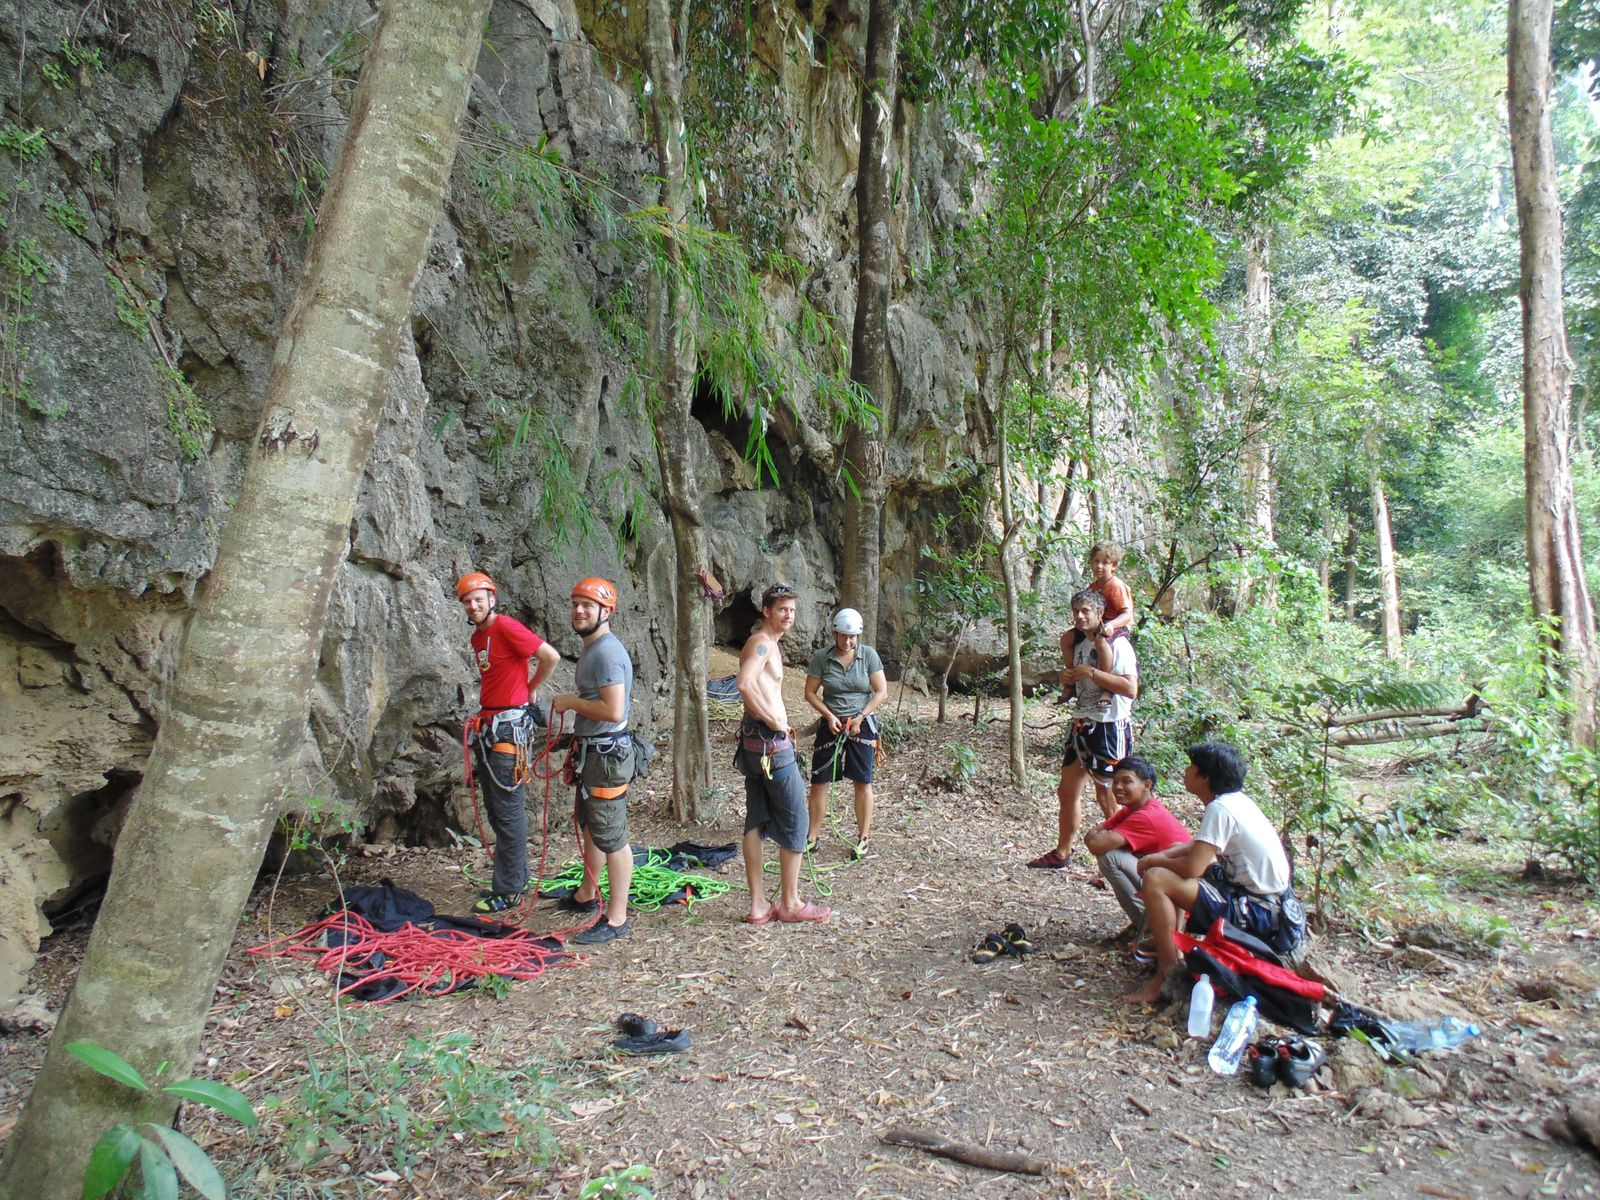 2013-10-11_Uli gibt Kletterkurs für Gäste